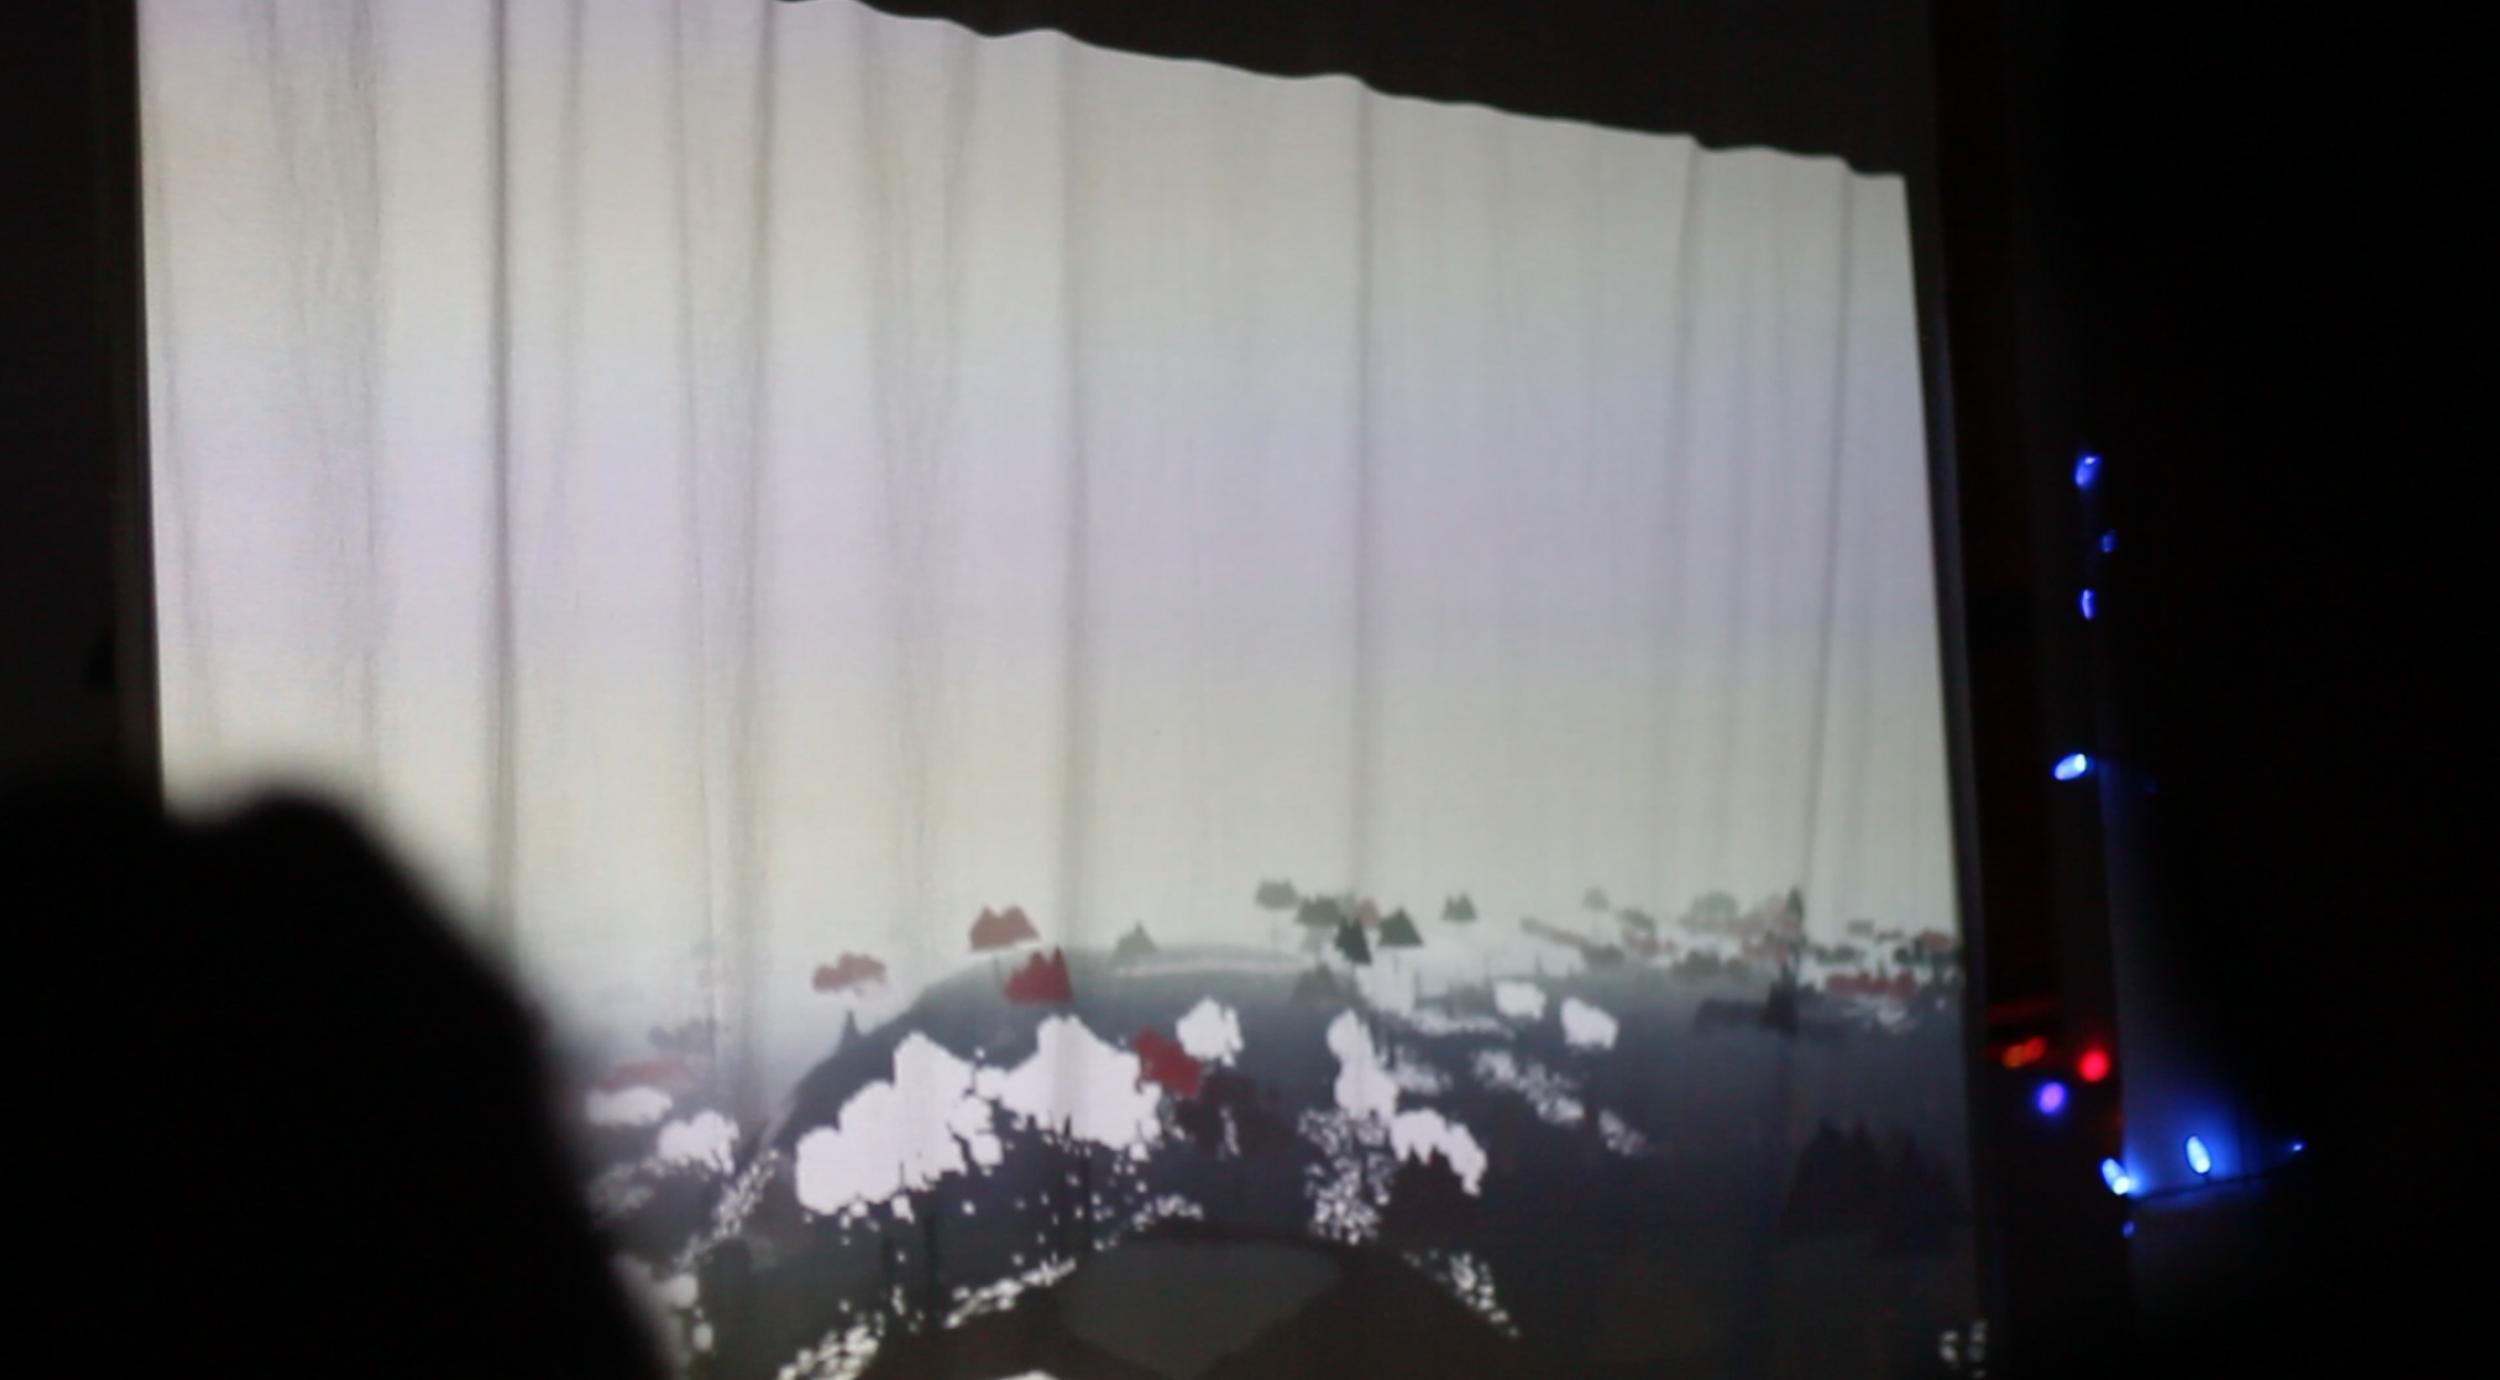 Screen Shot 2014-10-17 at 2.06.59 PM.png